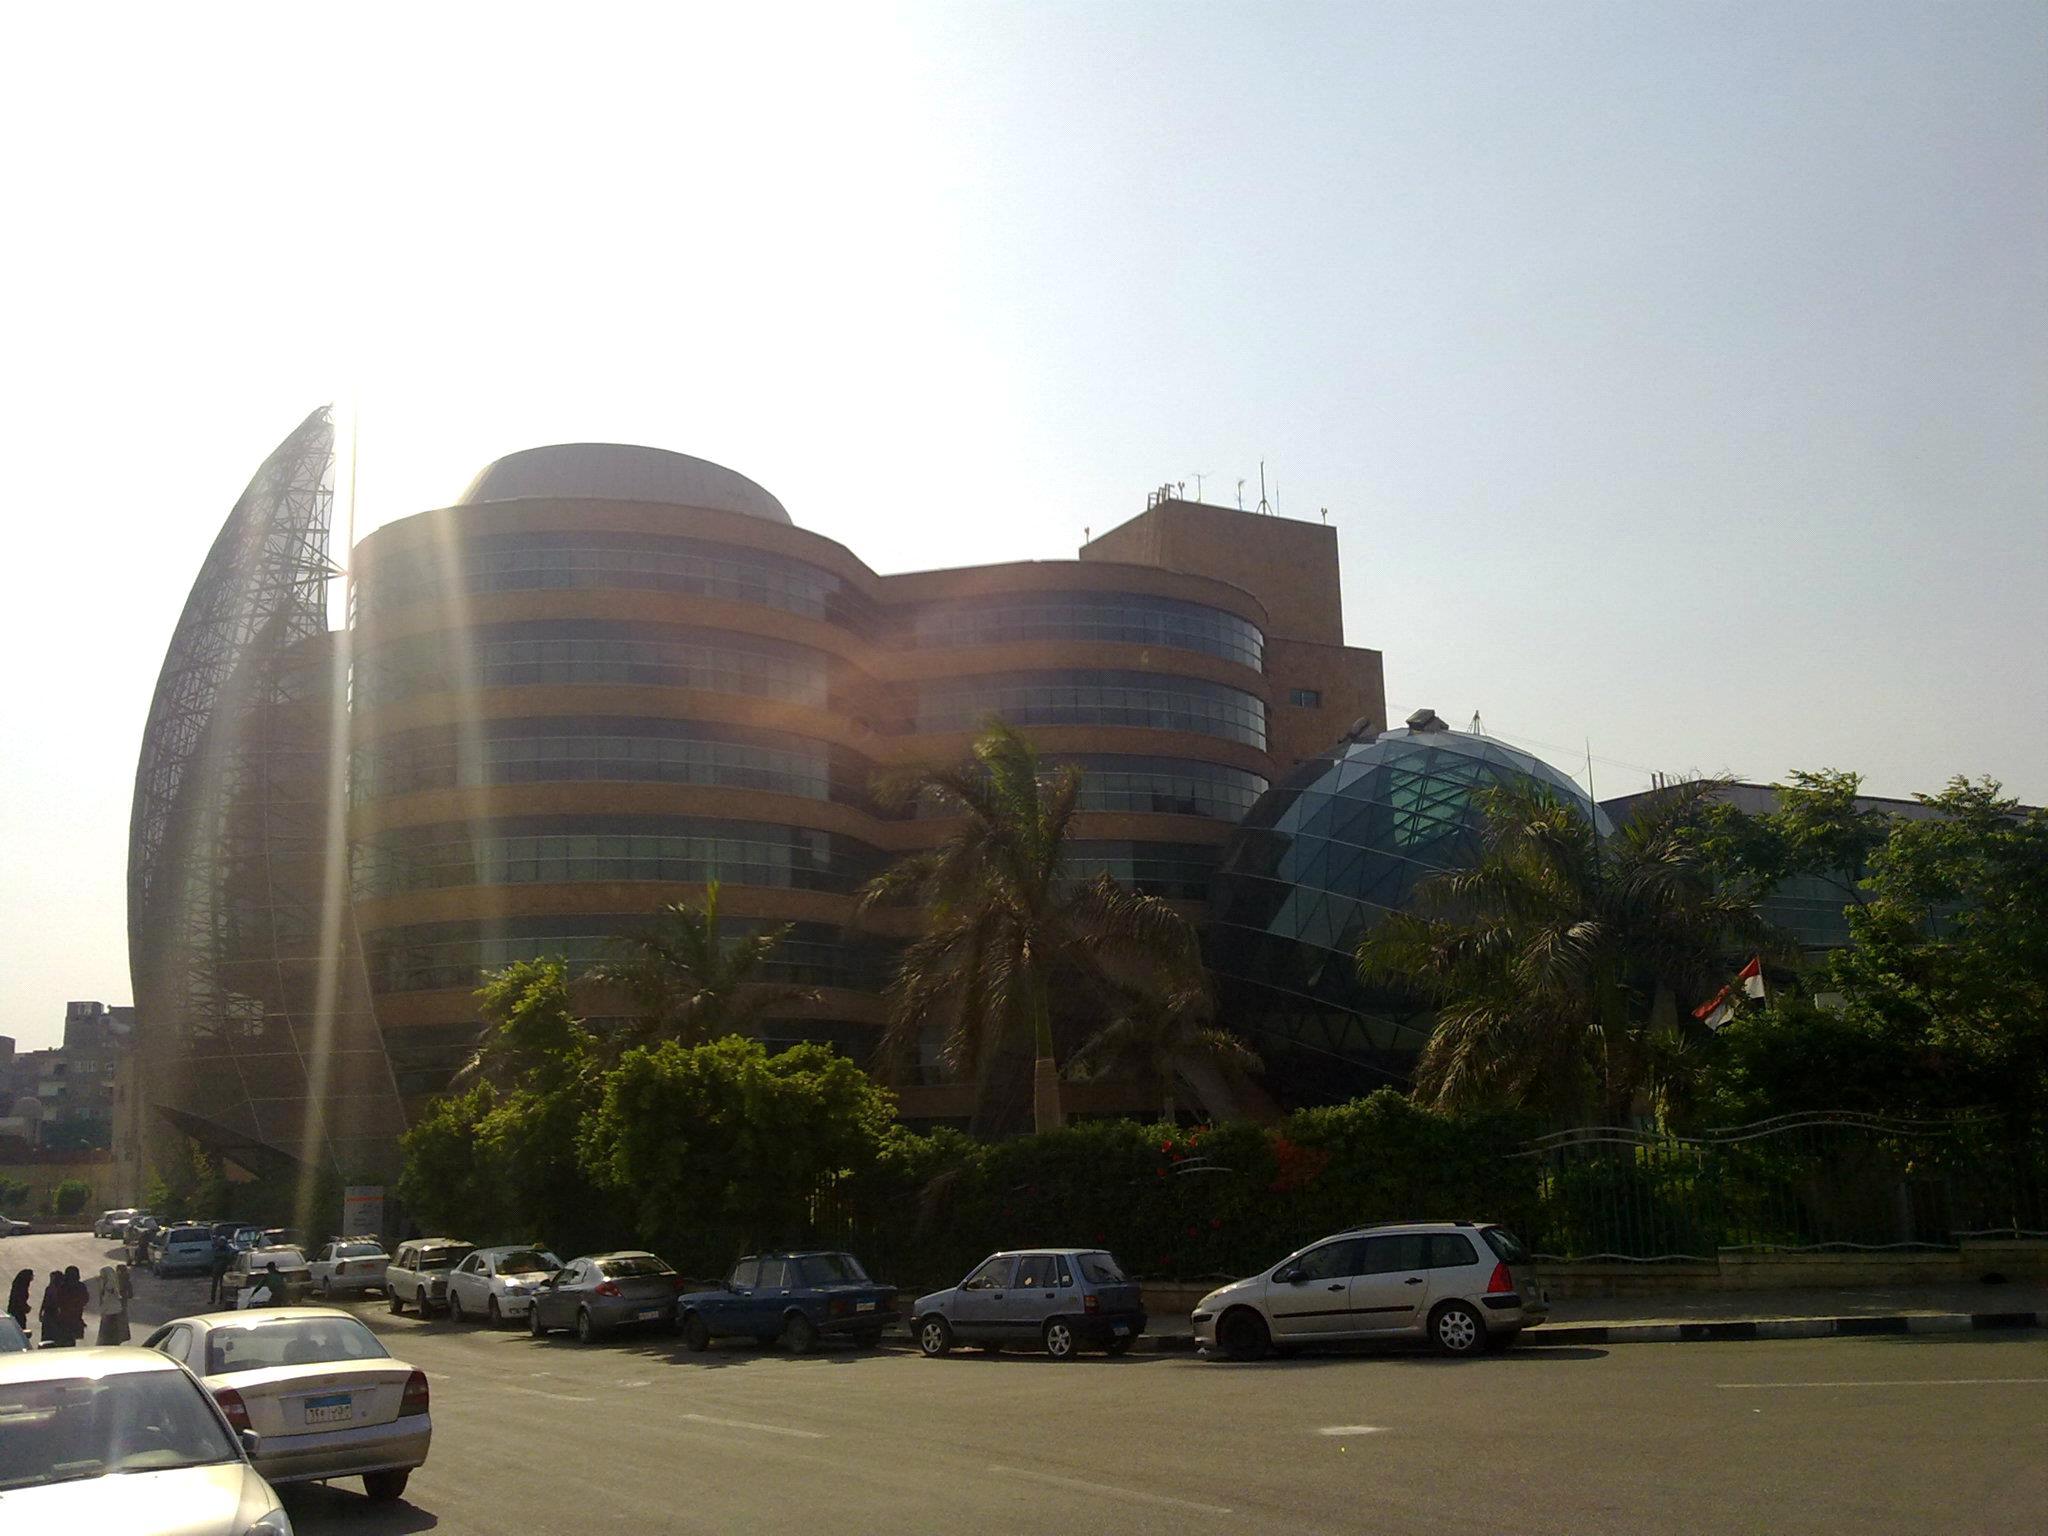 اللجنة الإجتماعية ومبادرة لمسة خير تنظم زيارة لمستشفى 57357 لعلاج سرطان الأطفال